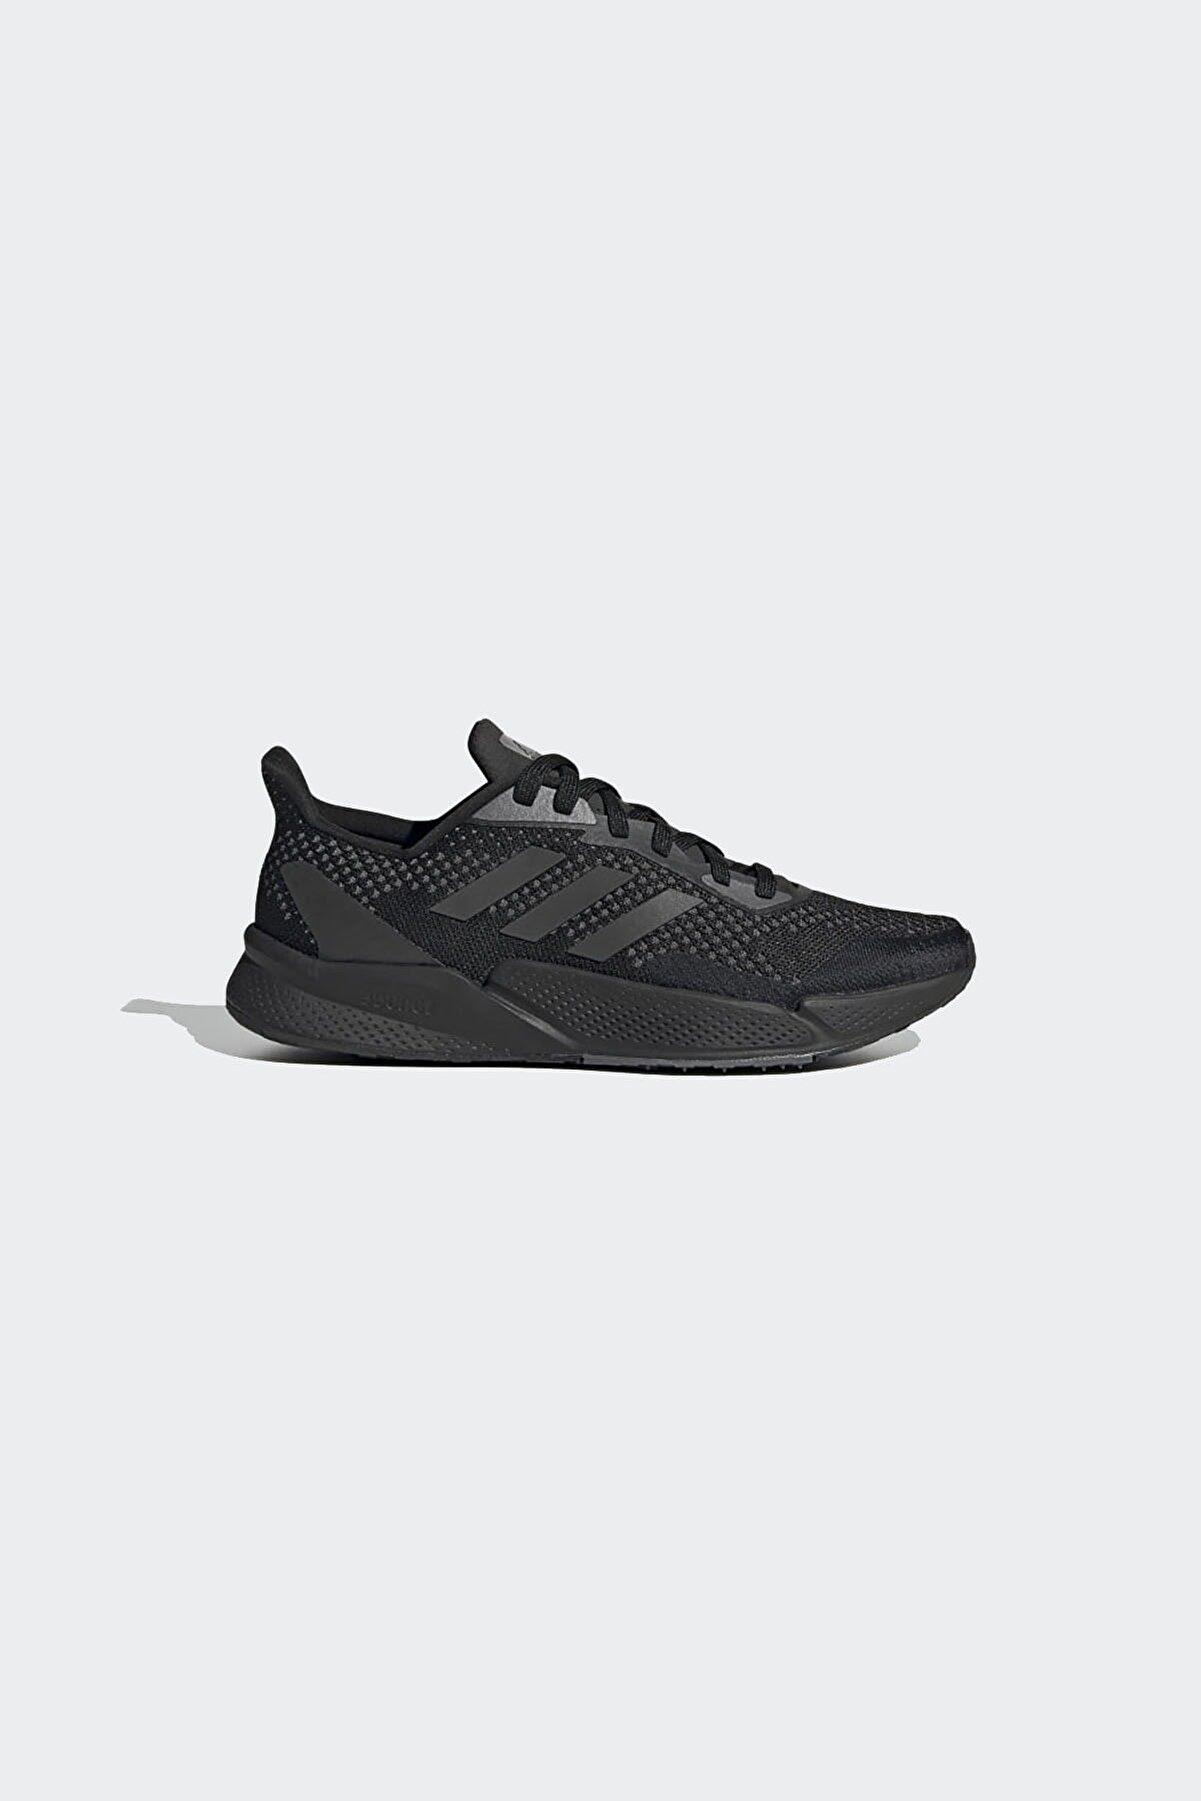 adidas Kadın Siyah Yürüyüş Ayakkabısı